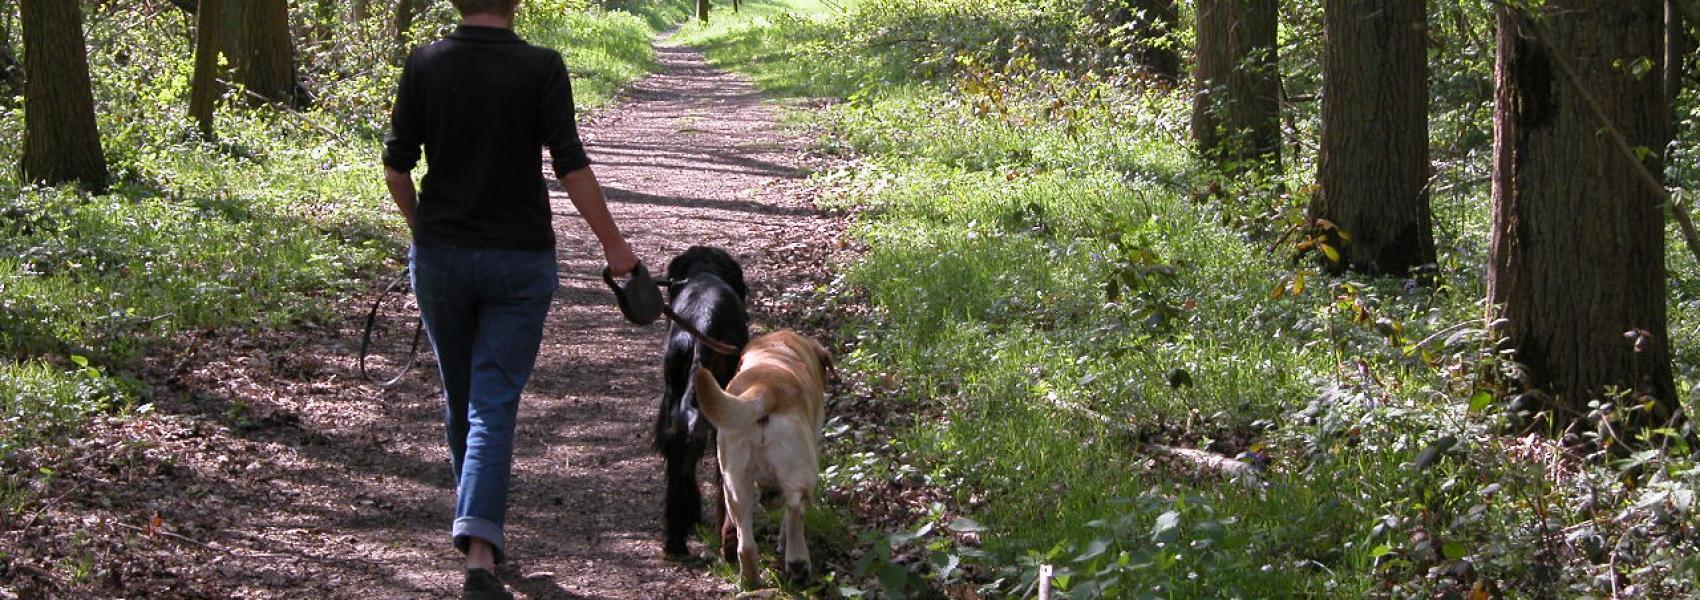 vrouwelijke wandelaar met 2 honden in het bos